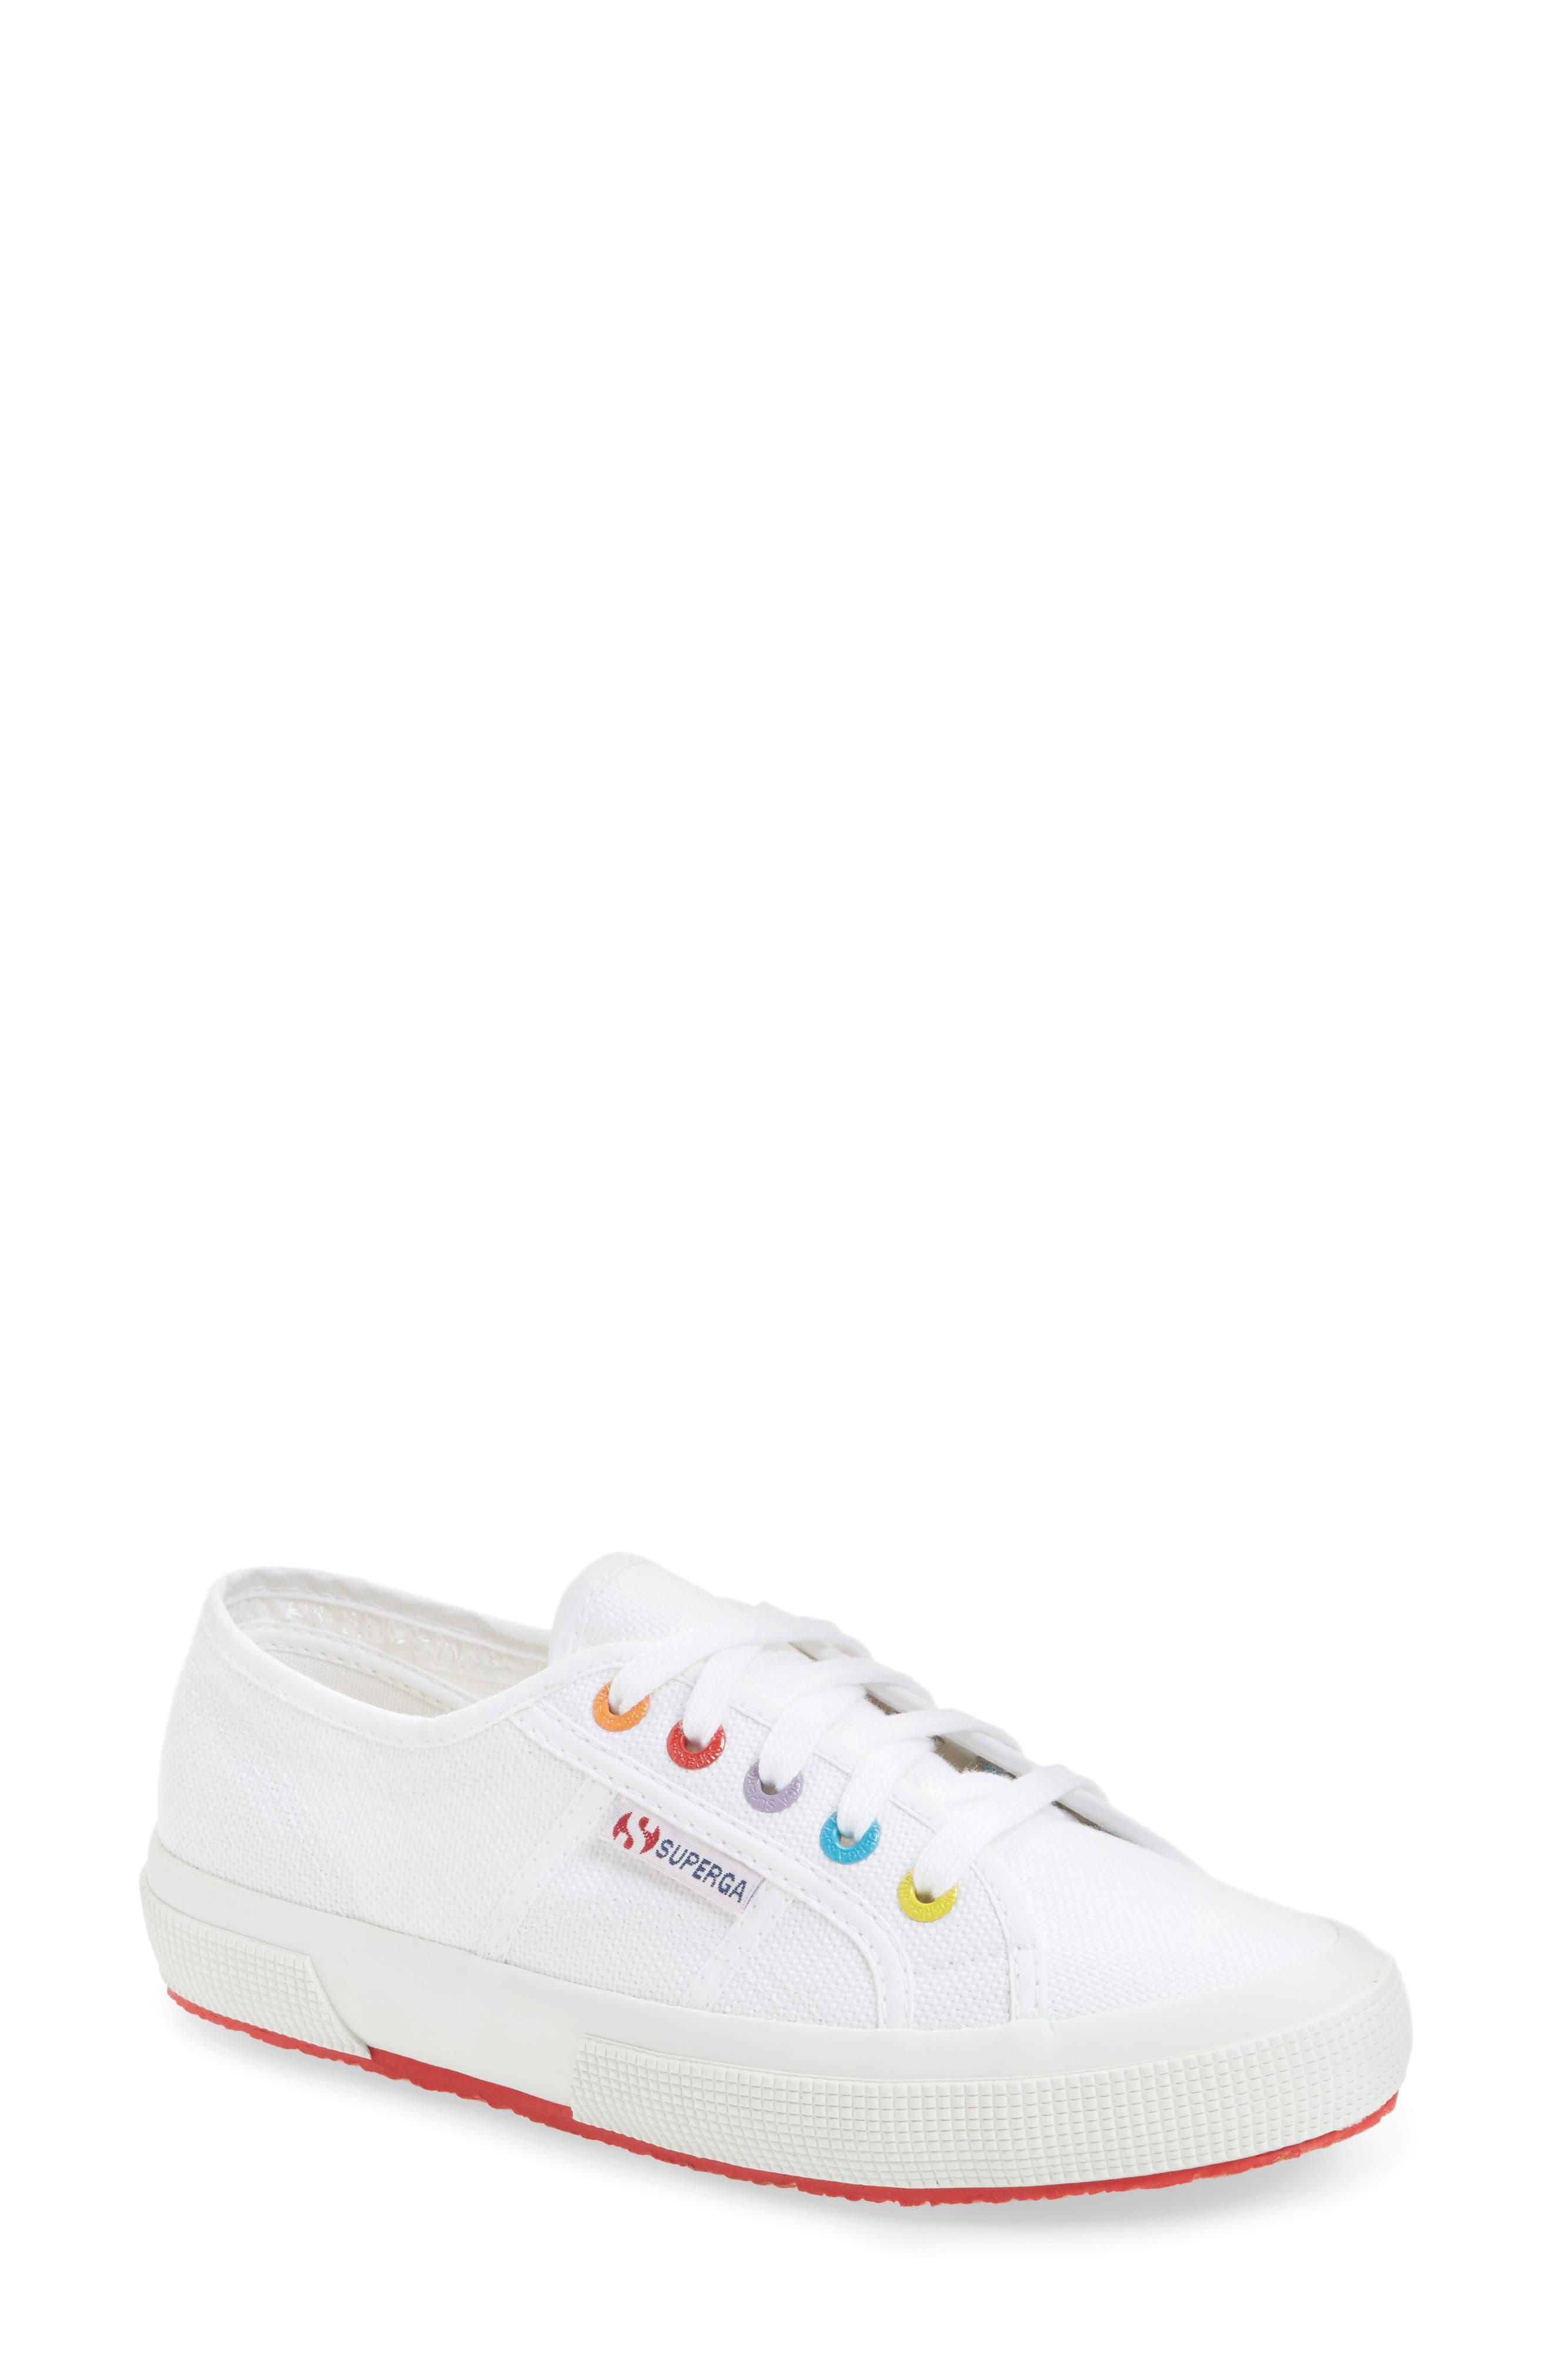 Superga 2750 Rainbow Sneaker (Women)